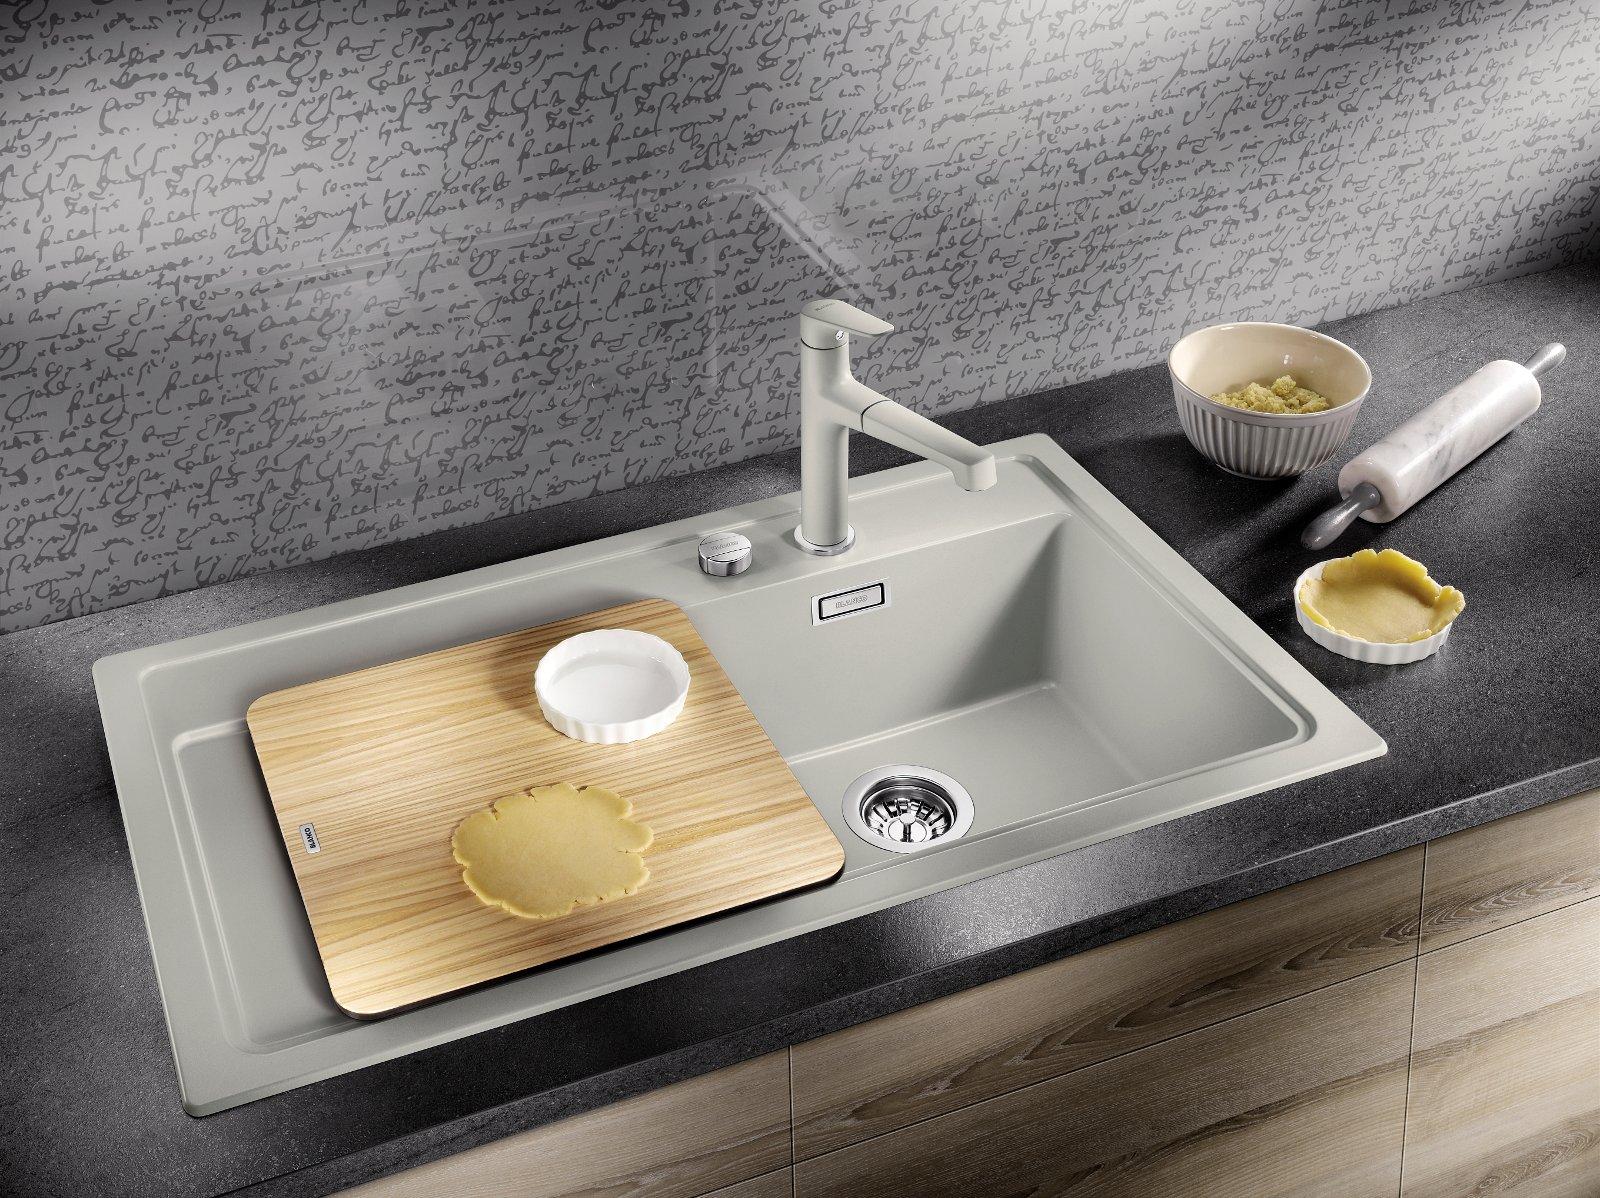 Кухонная мойка жемчужно-серого цвета из фирменного материала SILGRANIT от  Blanco 2014 - вид А